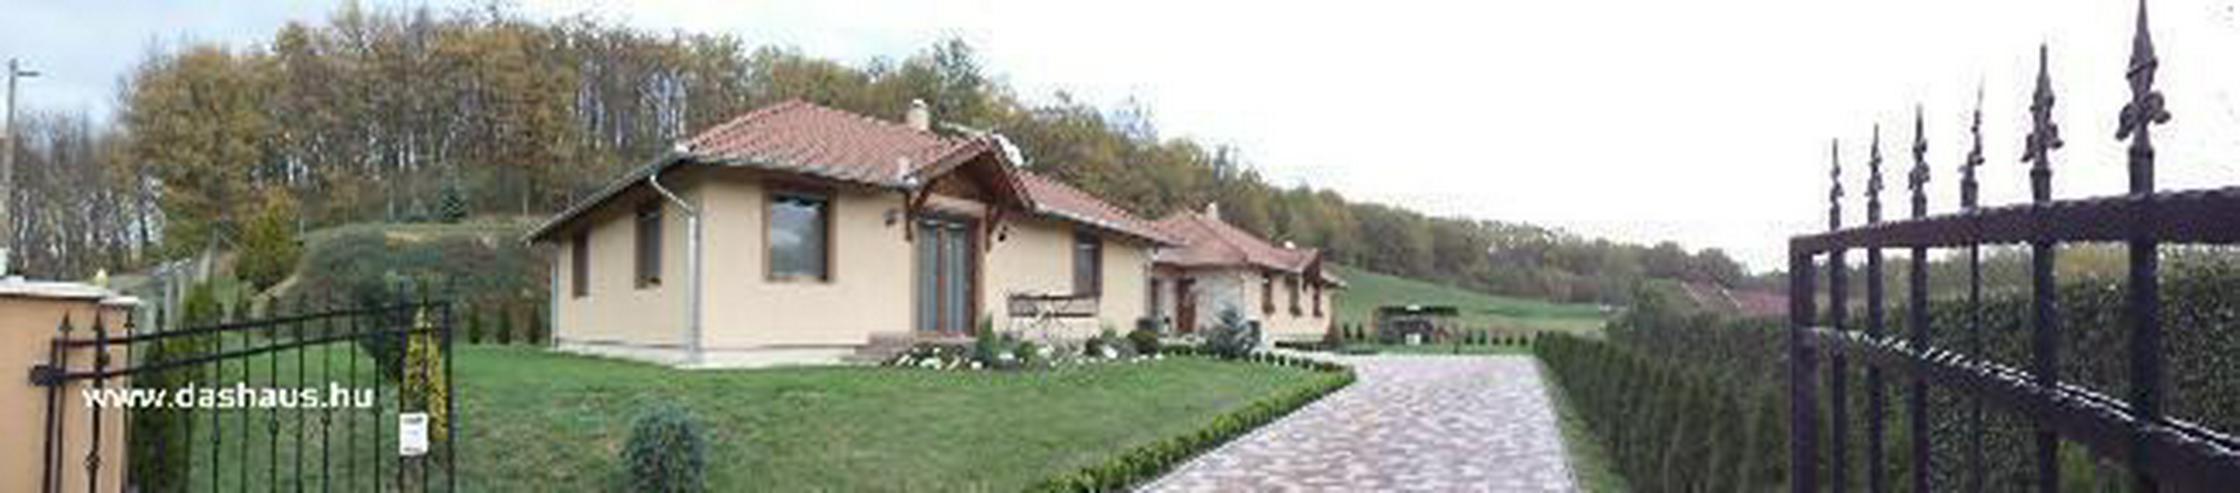 Bild 2: Ein Neues Haus zu verkaufen in West Ungarn nähe Balaton und Heviz